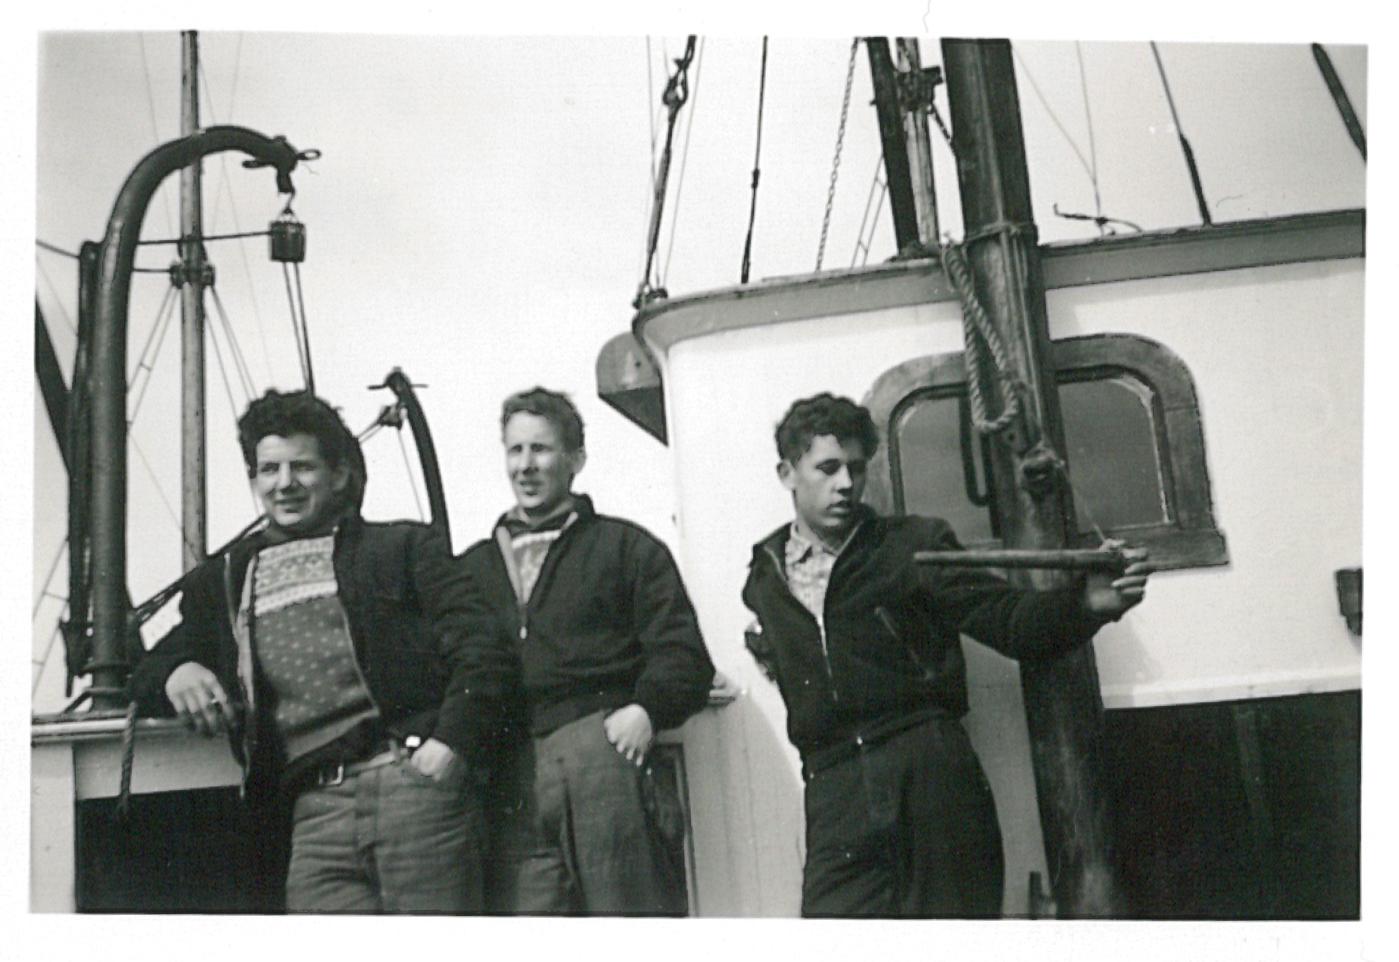 Staute karer: Jarle, Asmund og Einar ombord på Brattegg sommeren 1959